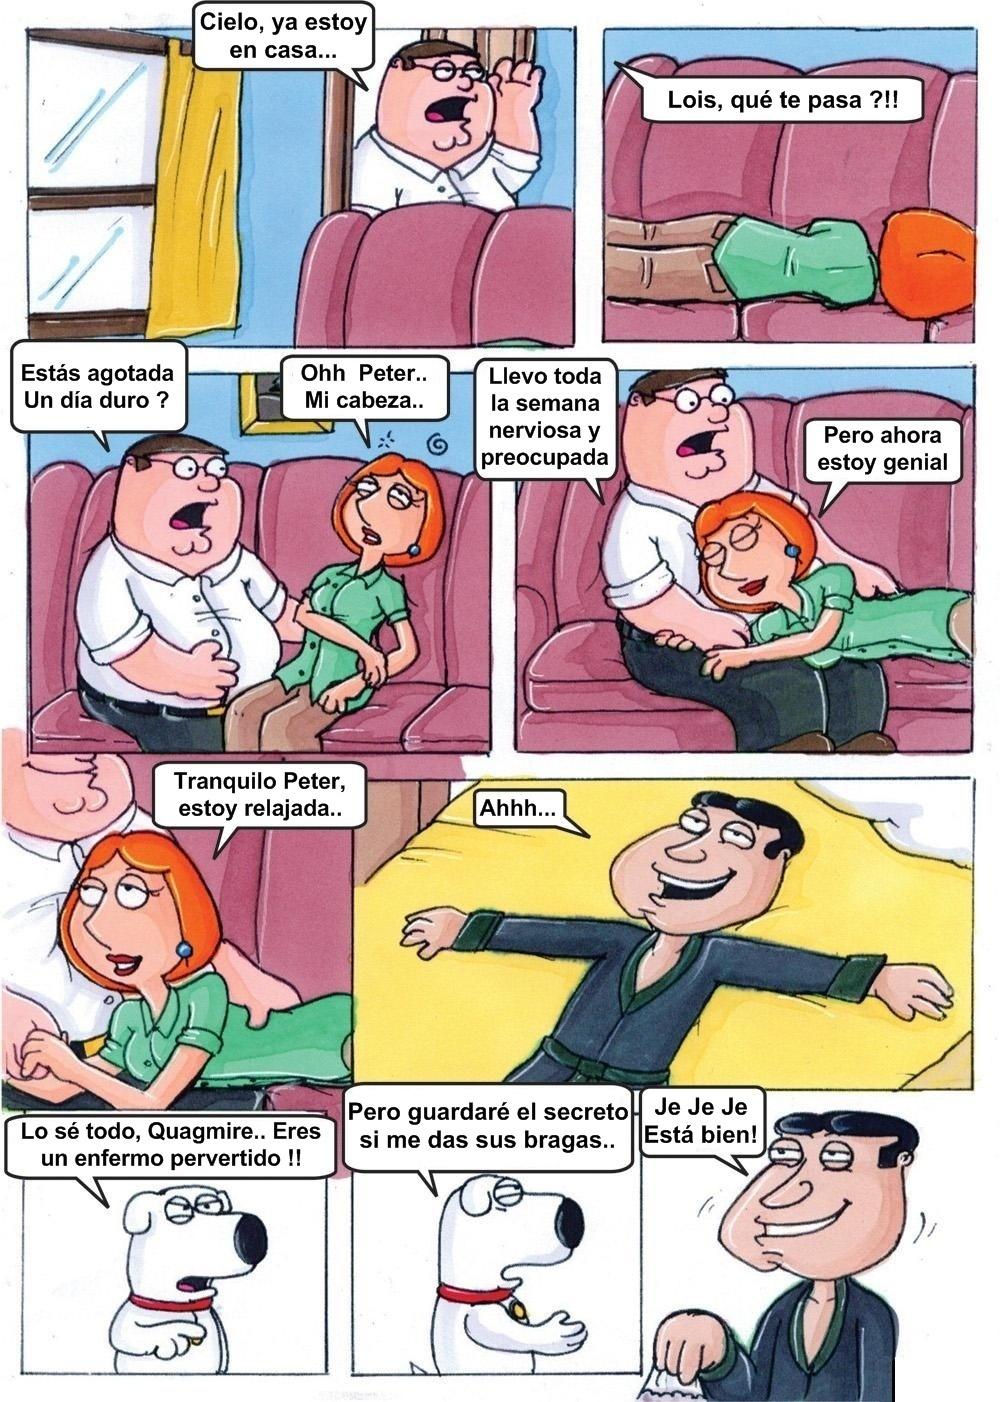 Lois griffin clips de sexe